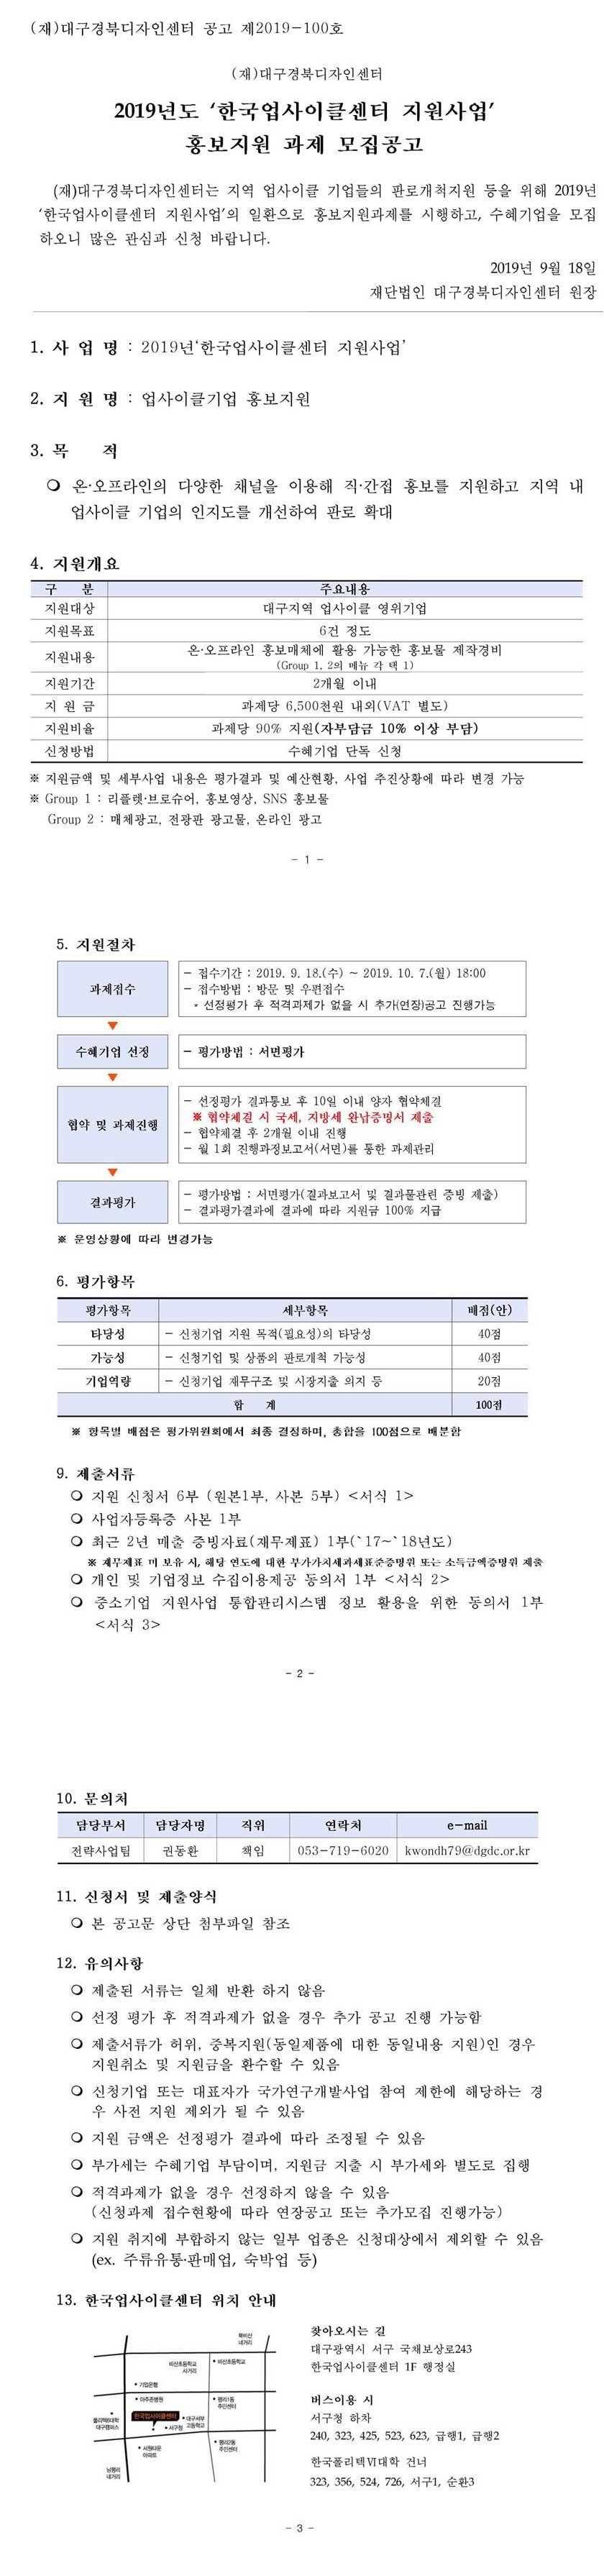 2019년도-한국업사이클센터-지원사업-홍보지원-과제-모집공고1.jpg